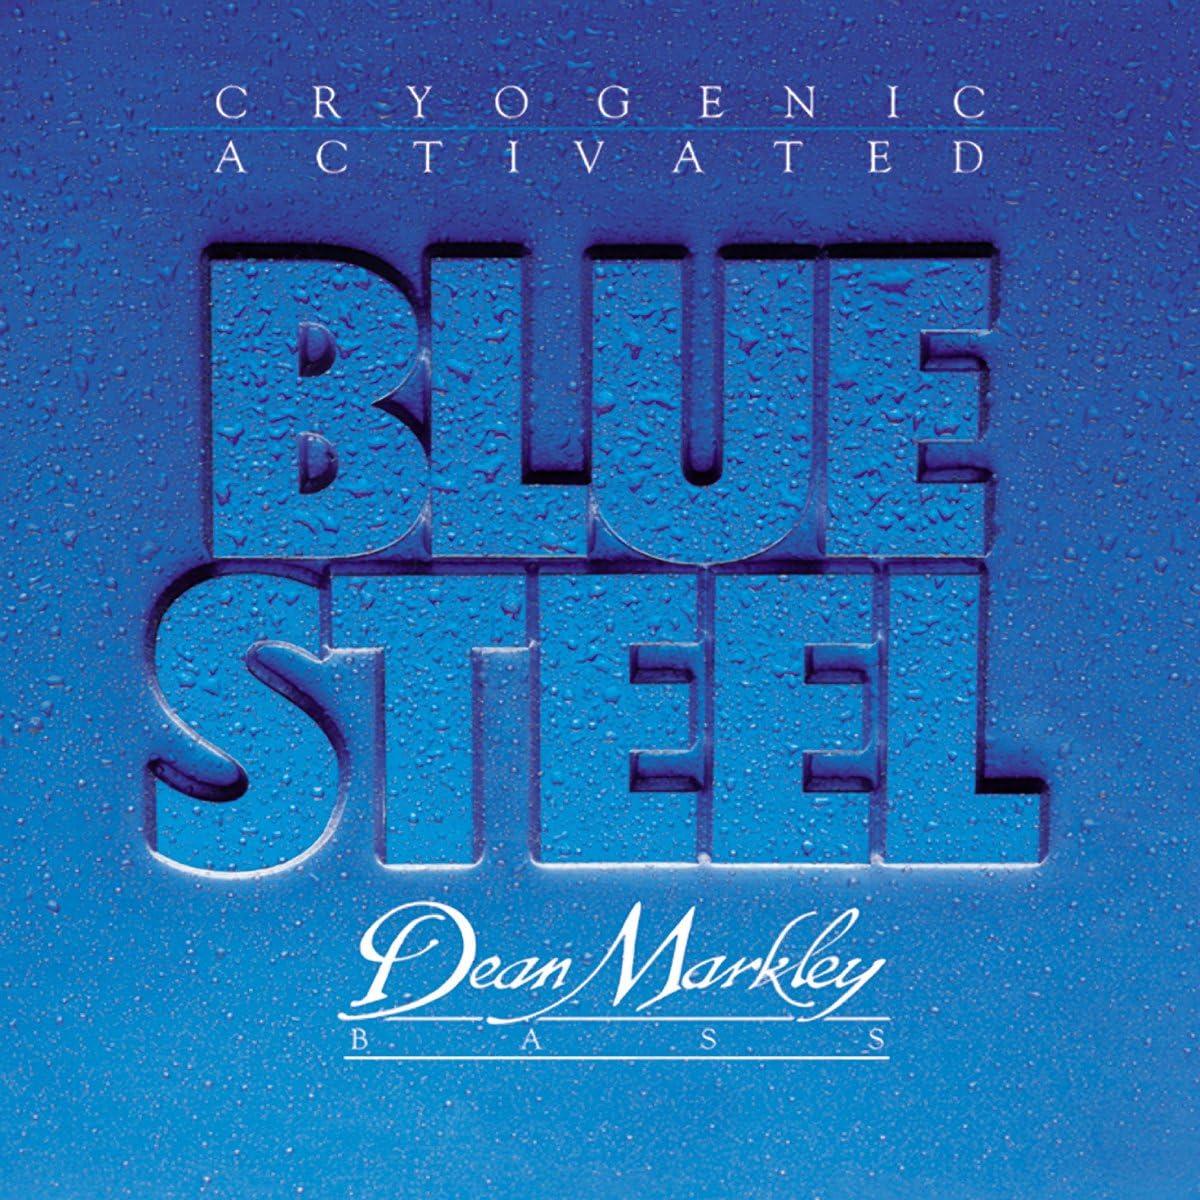 Dean Markley 2672 - Juego de cuerdas para bajo de acero.045-.100